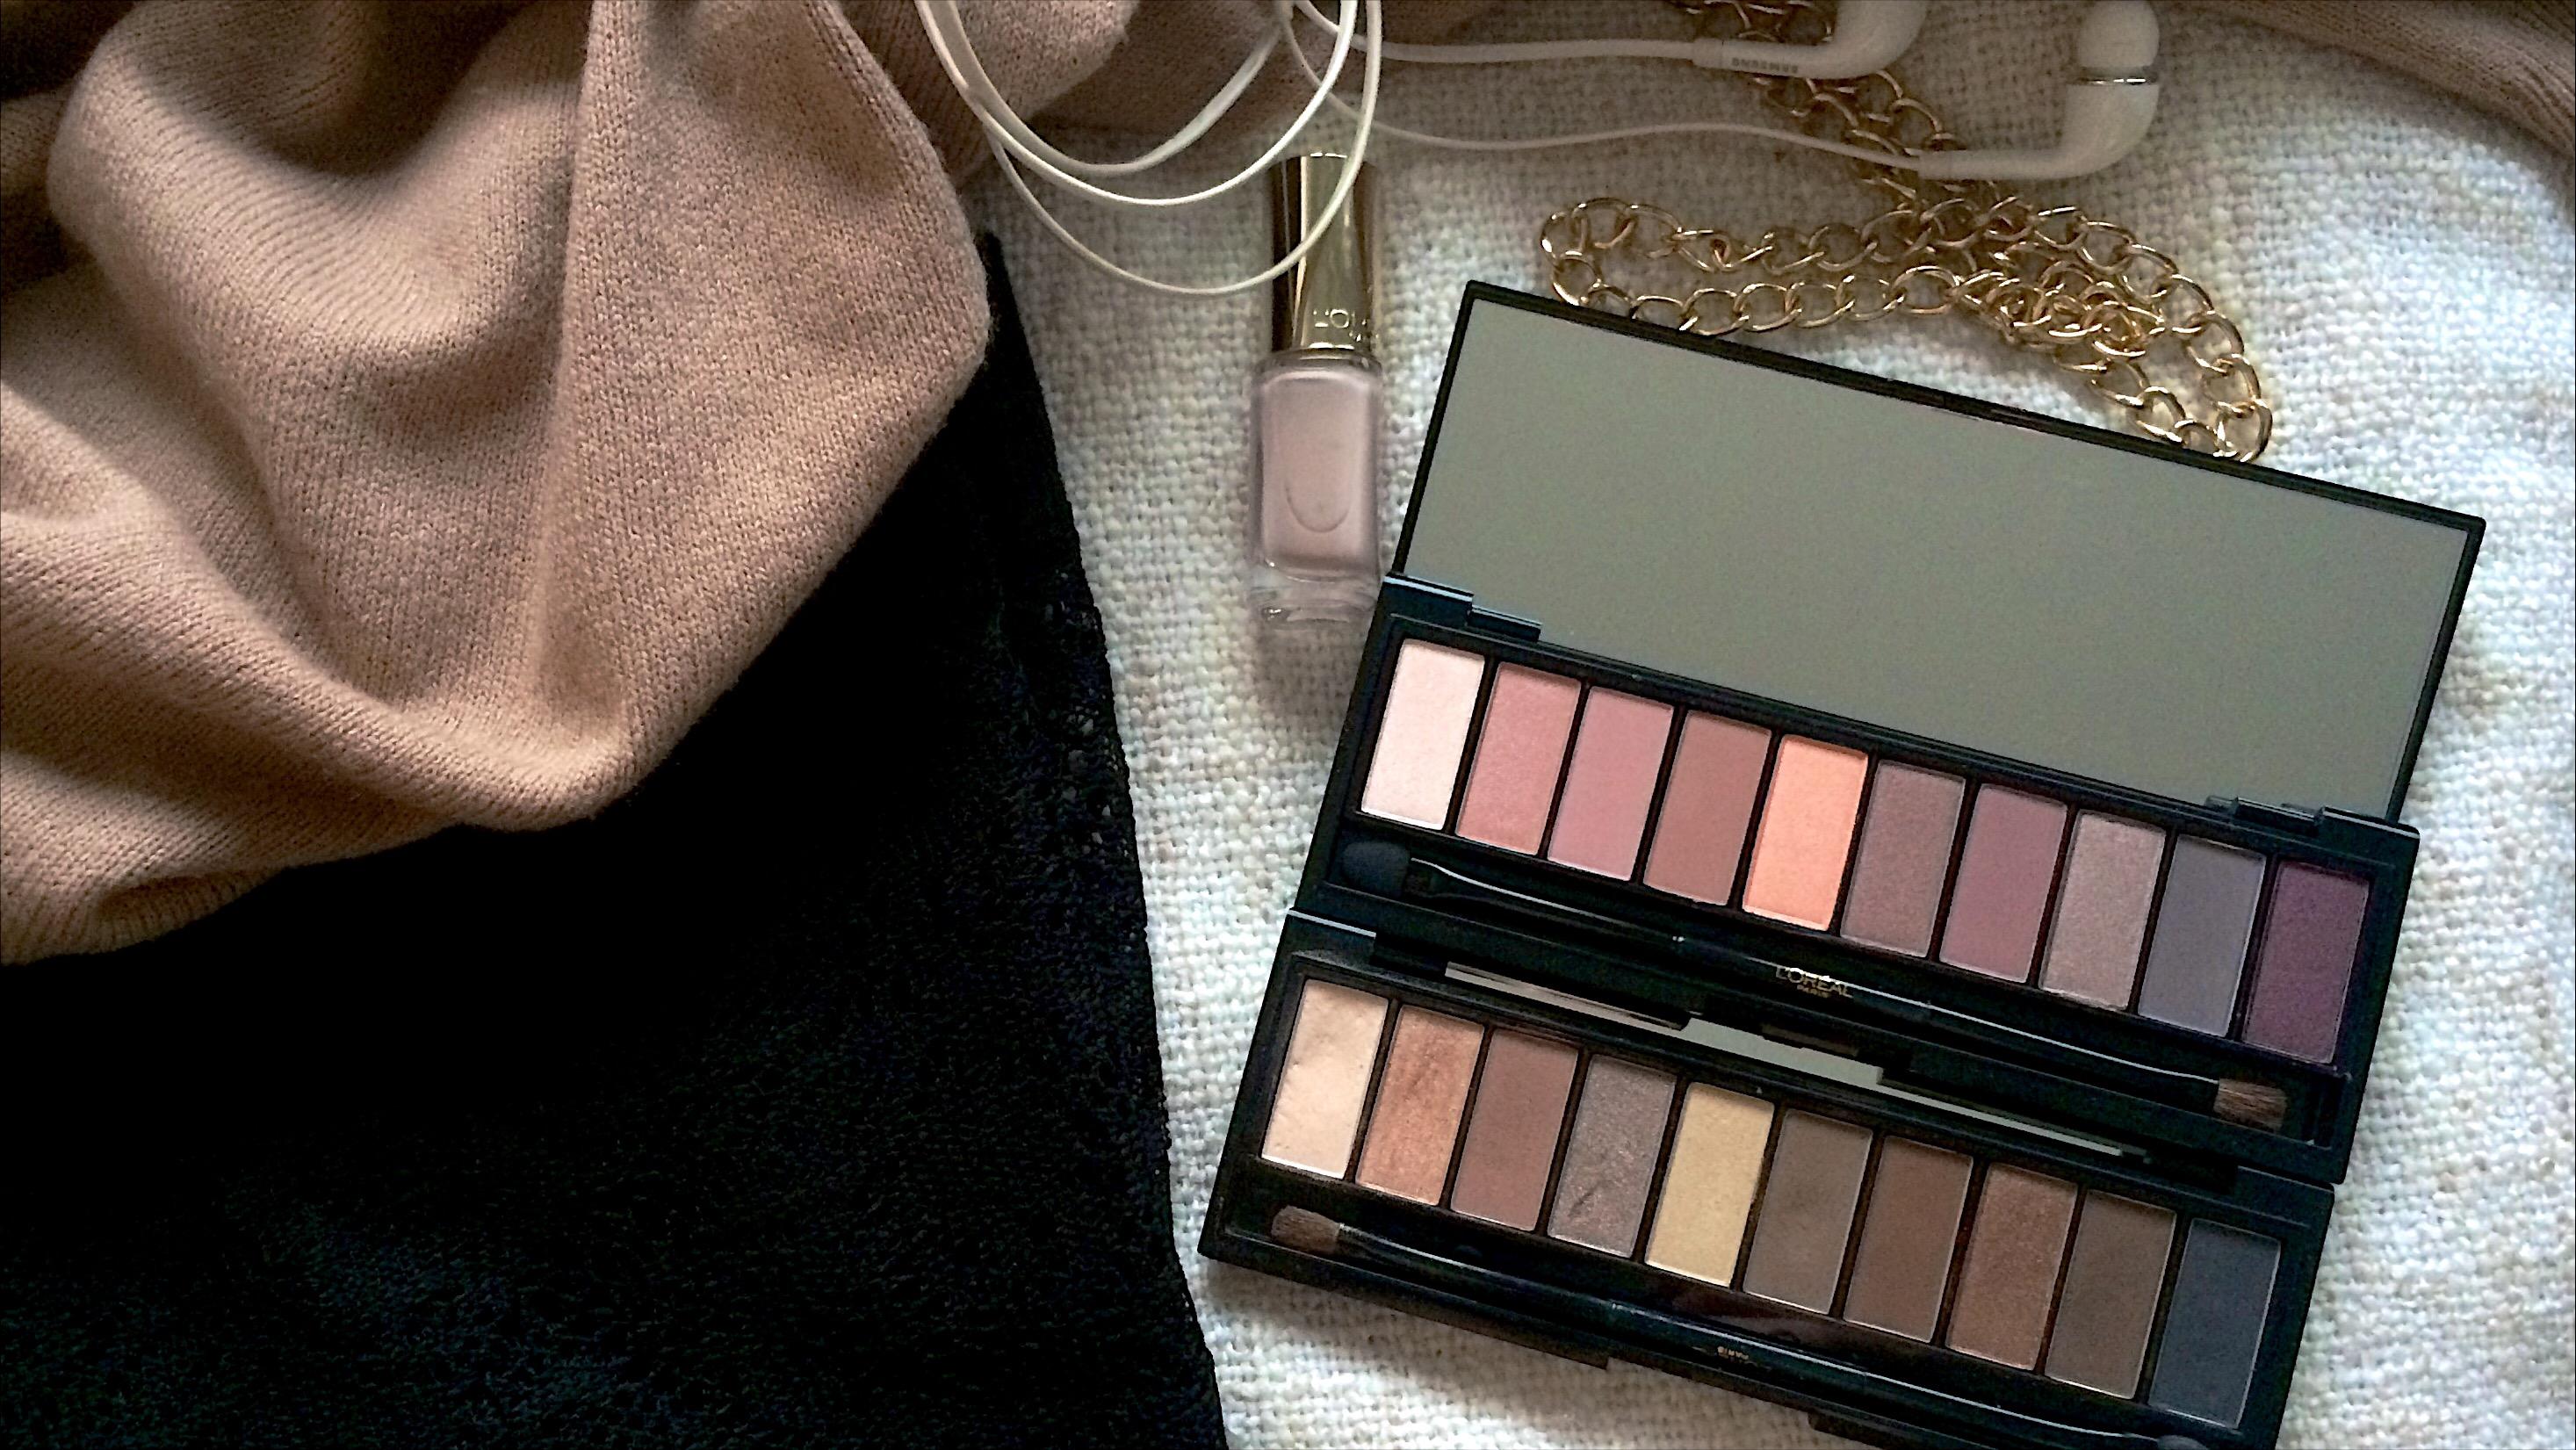 L'Oréal La Palette Nude 01 Rosé 02 Beige open